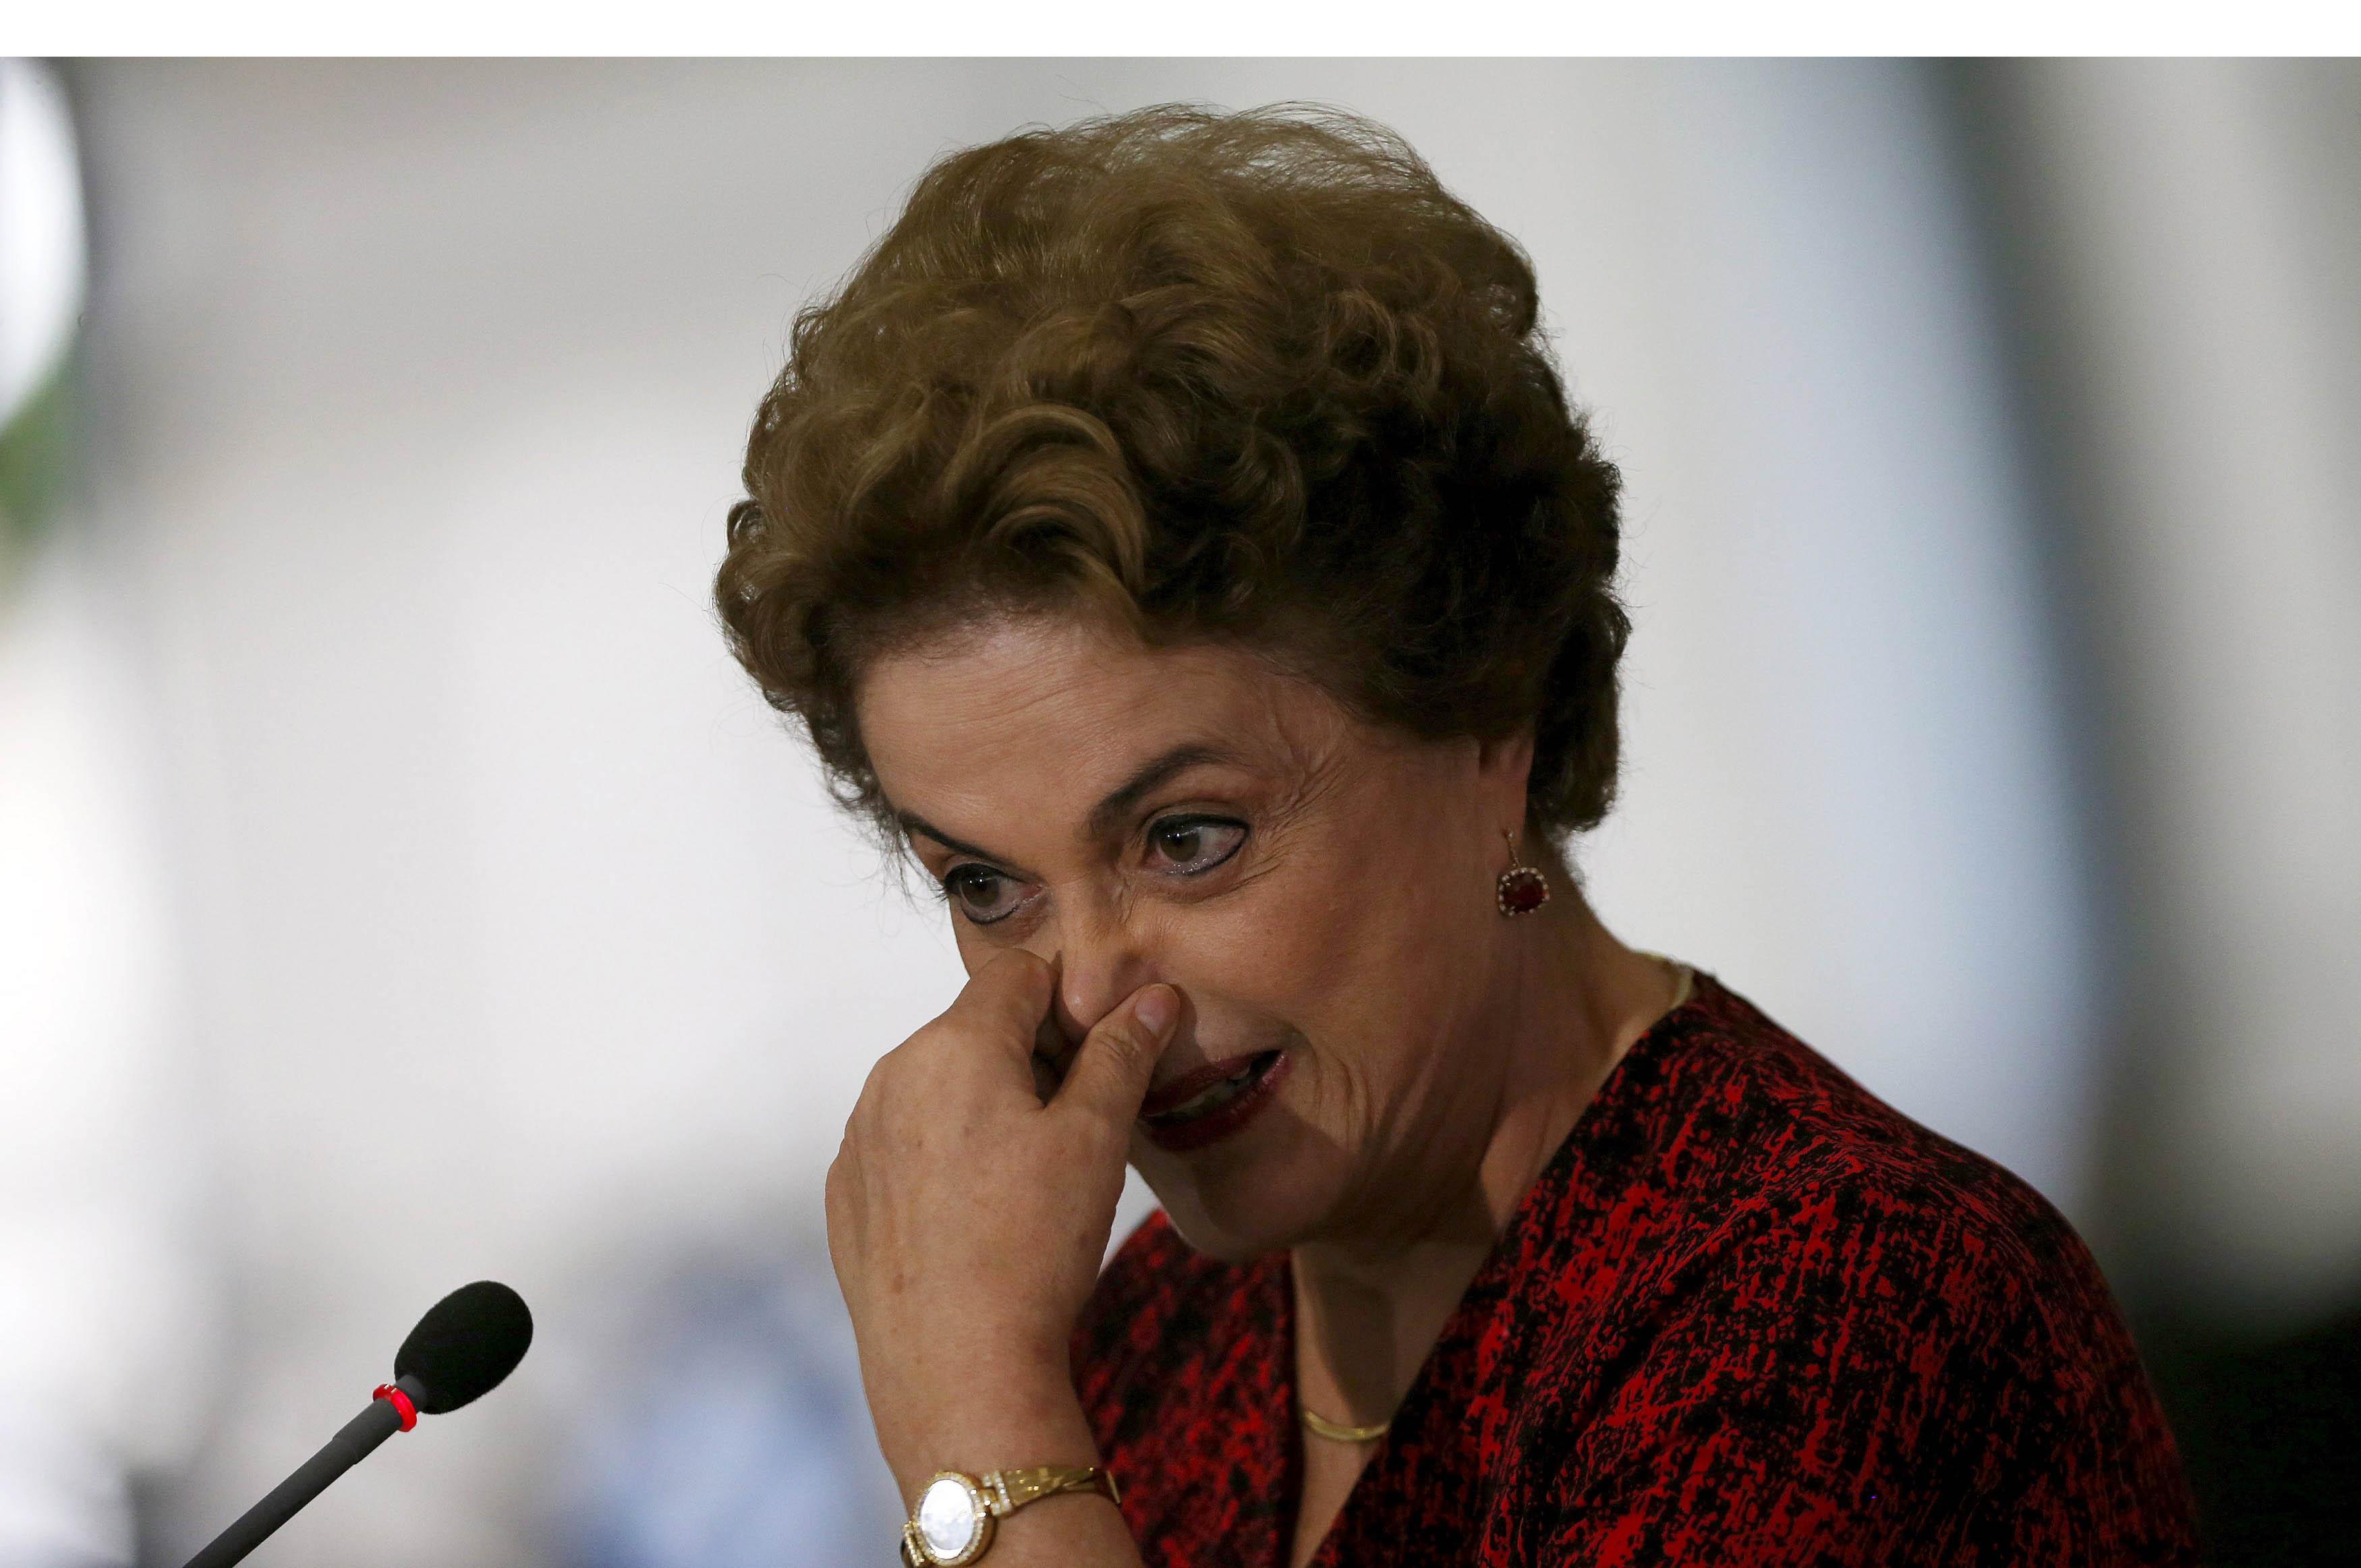 El gobierno alegó que de acuerdo al contexto político actual de Brasil el viaje a Washington no era una prioridad